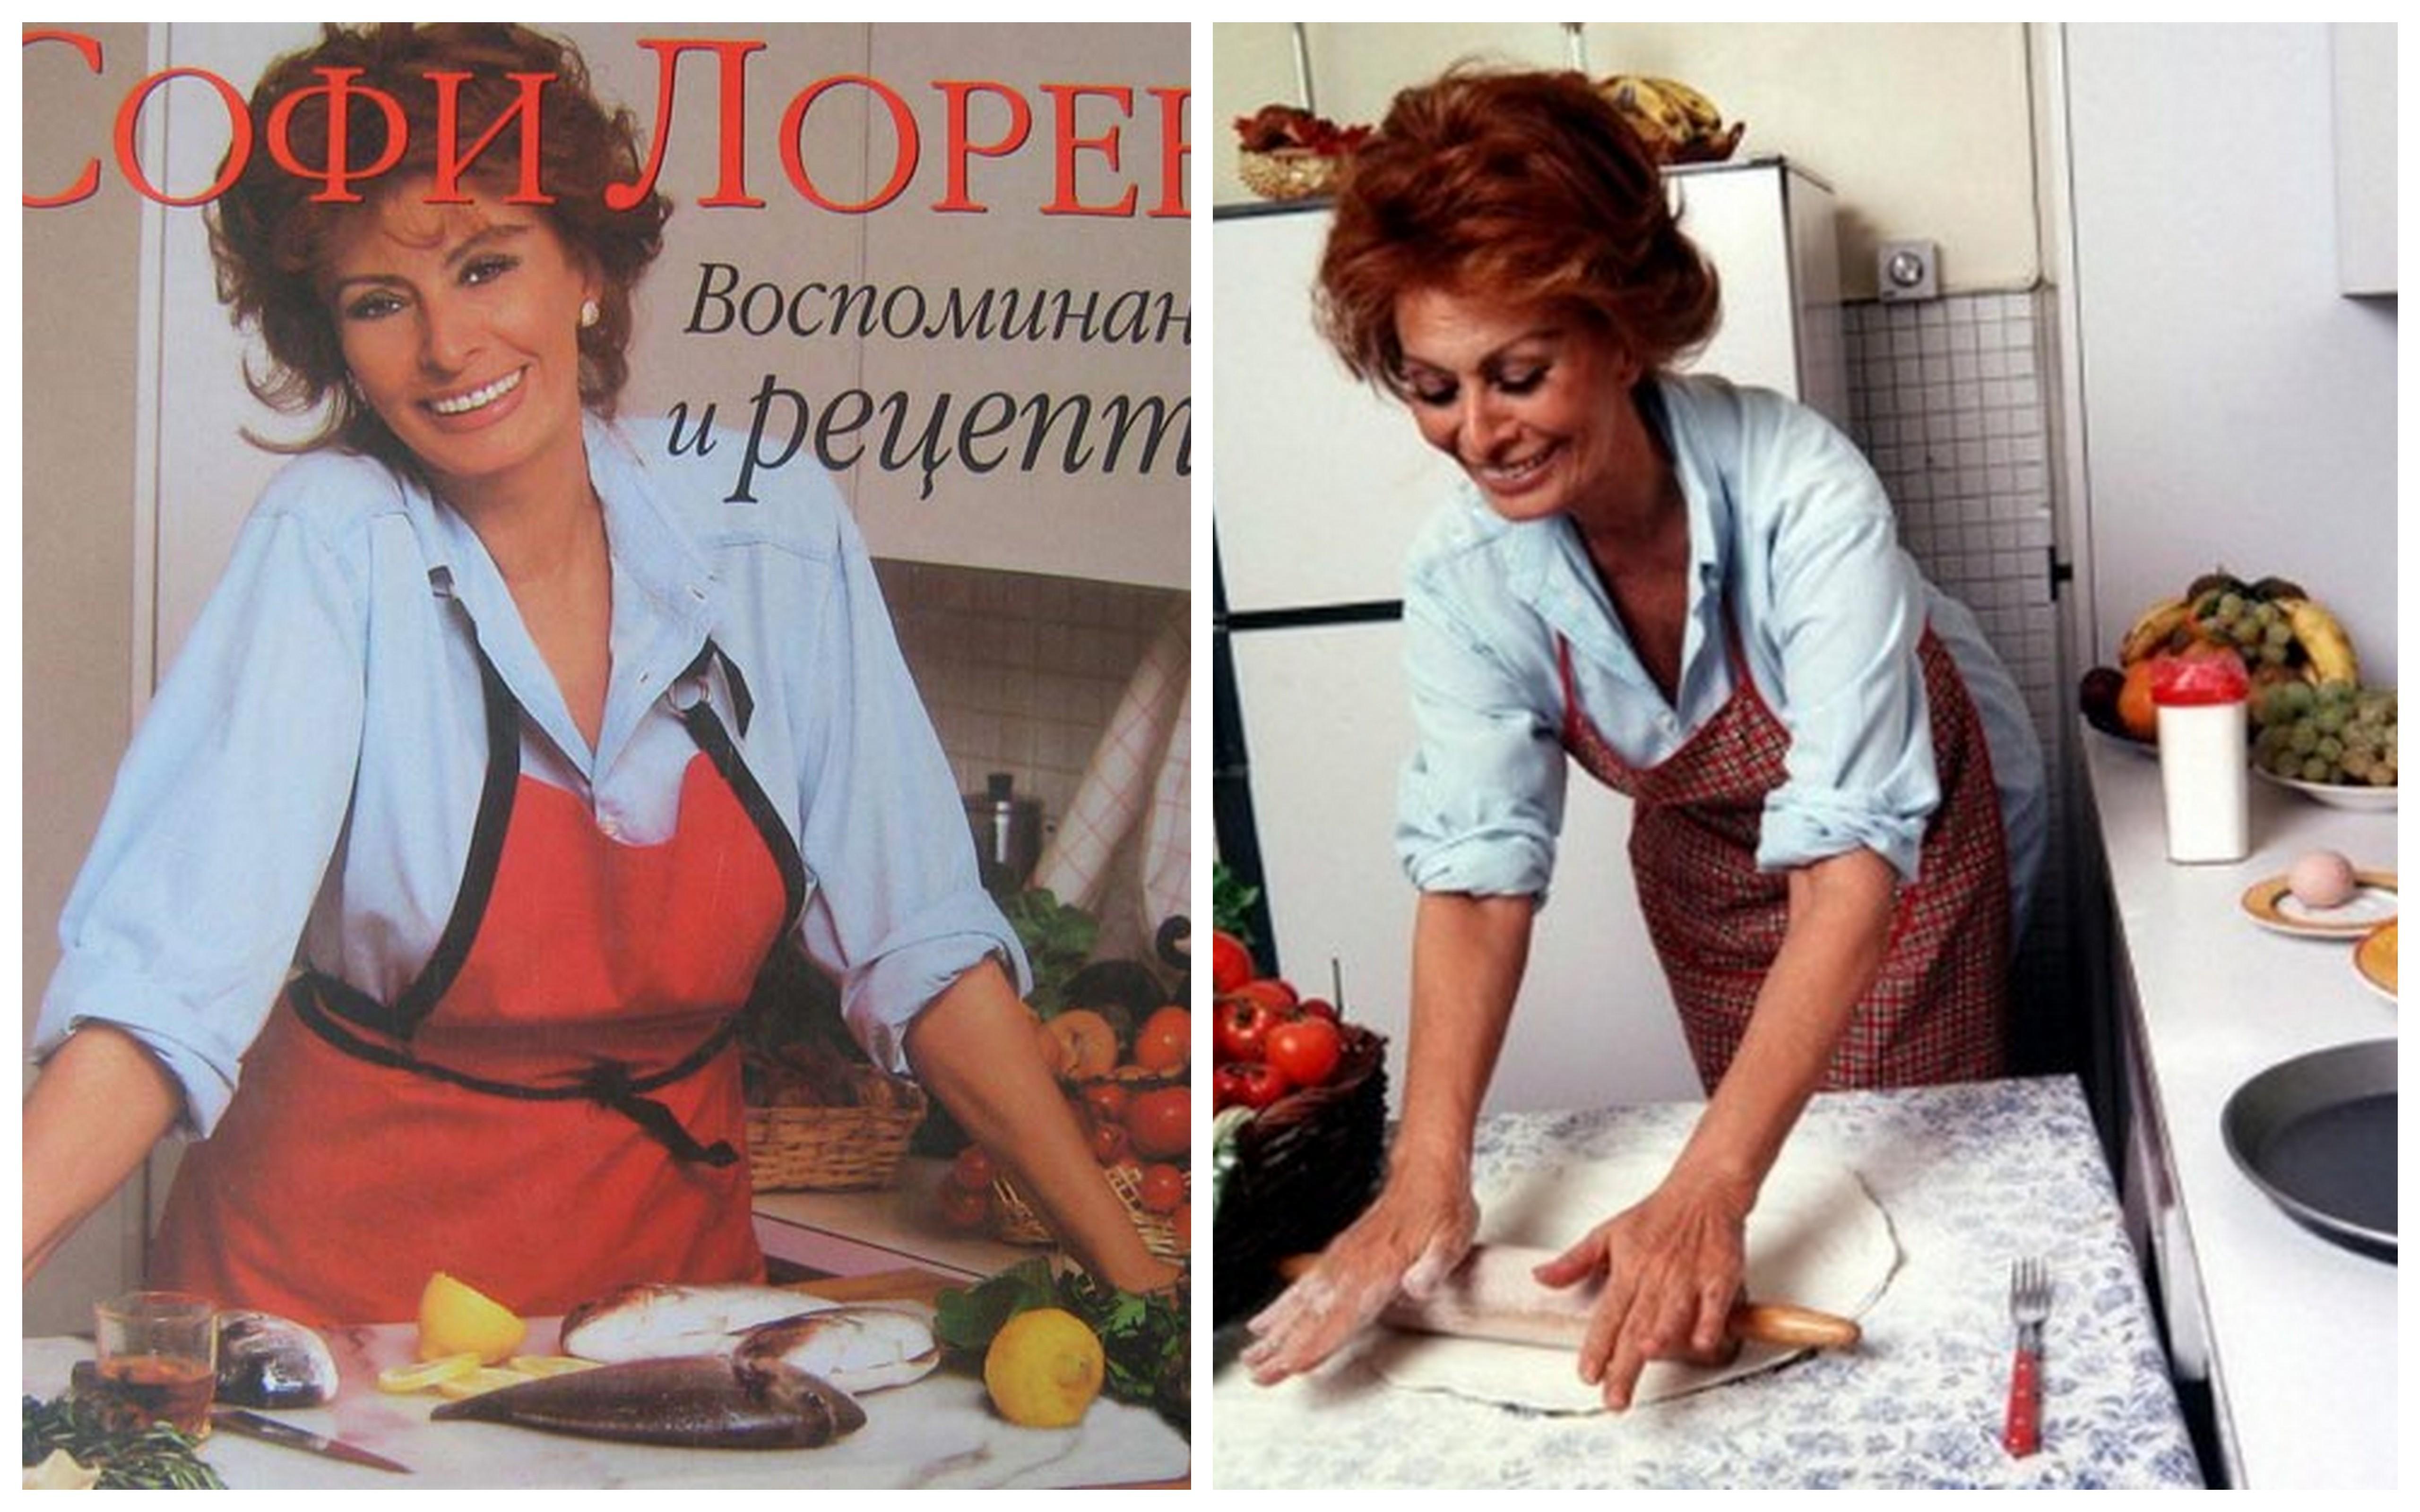 Рецепты от софи лорен